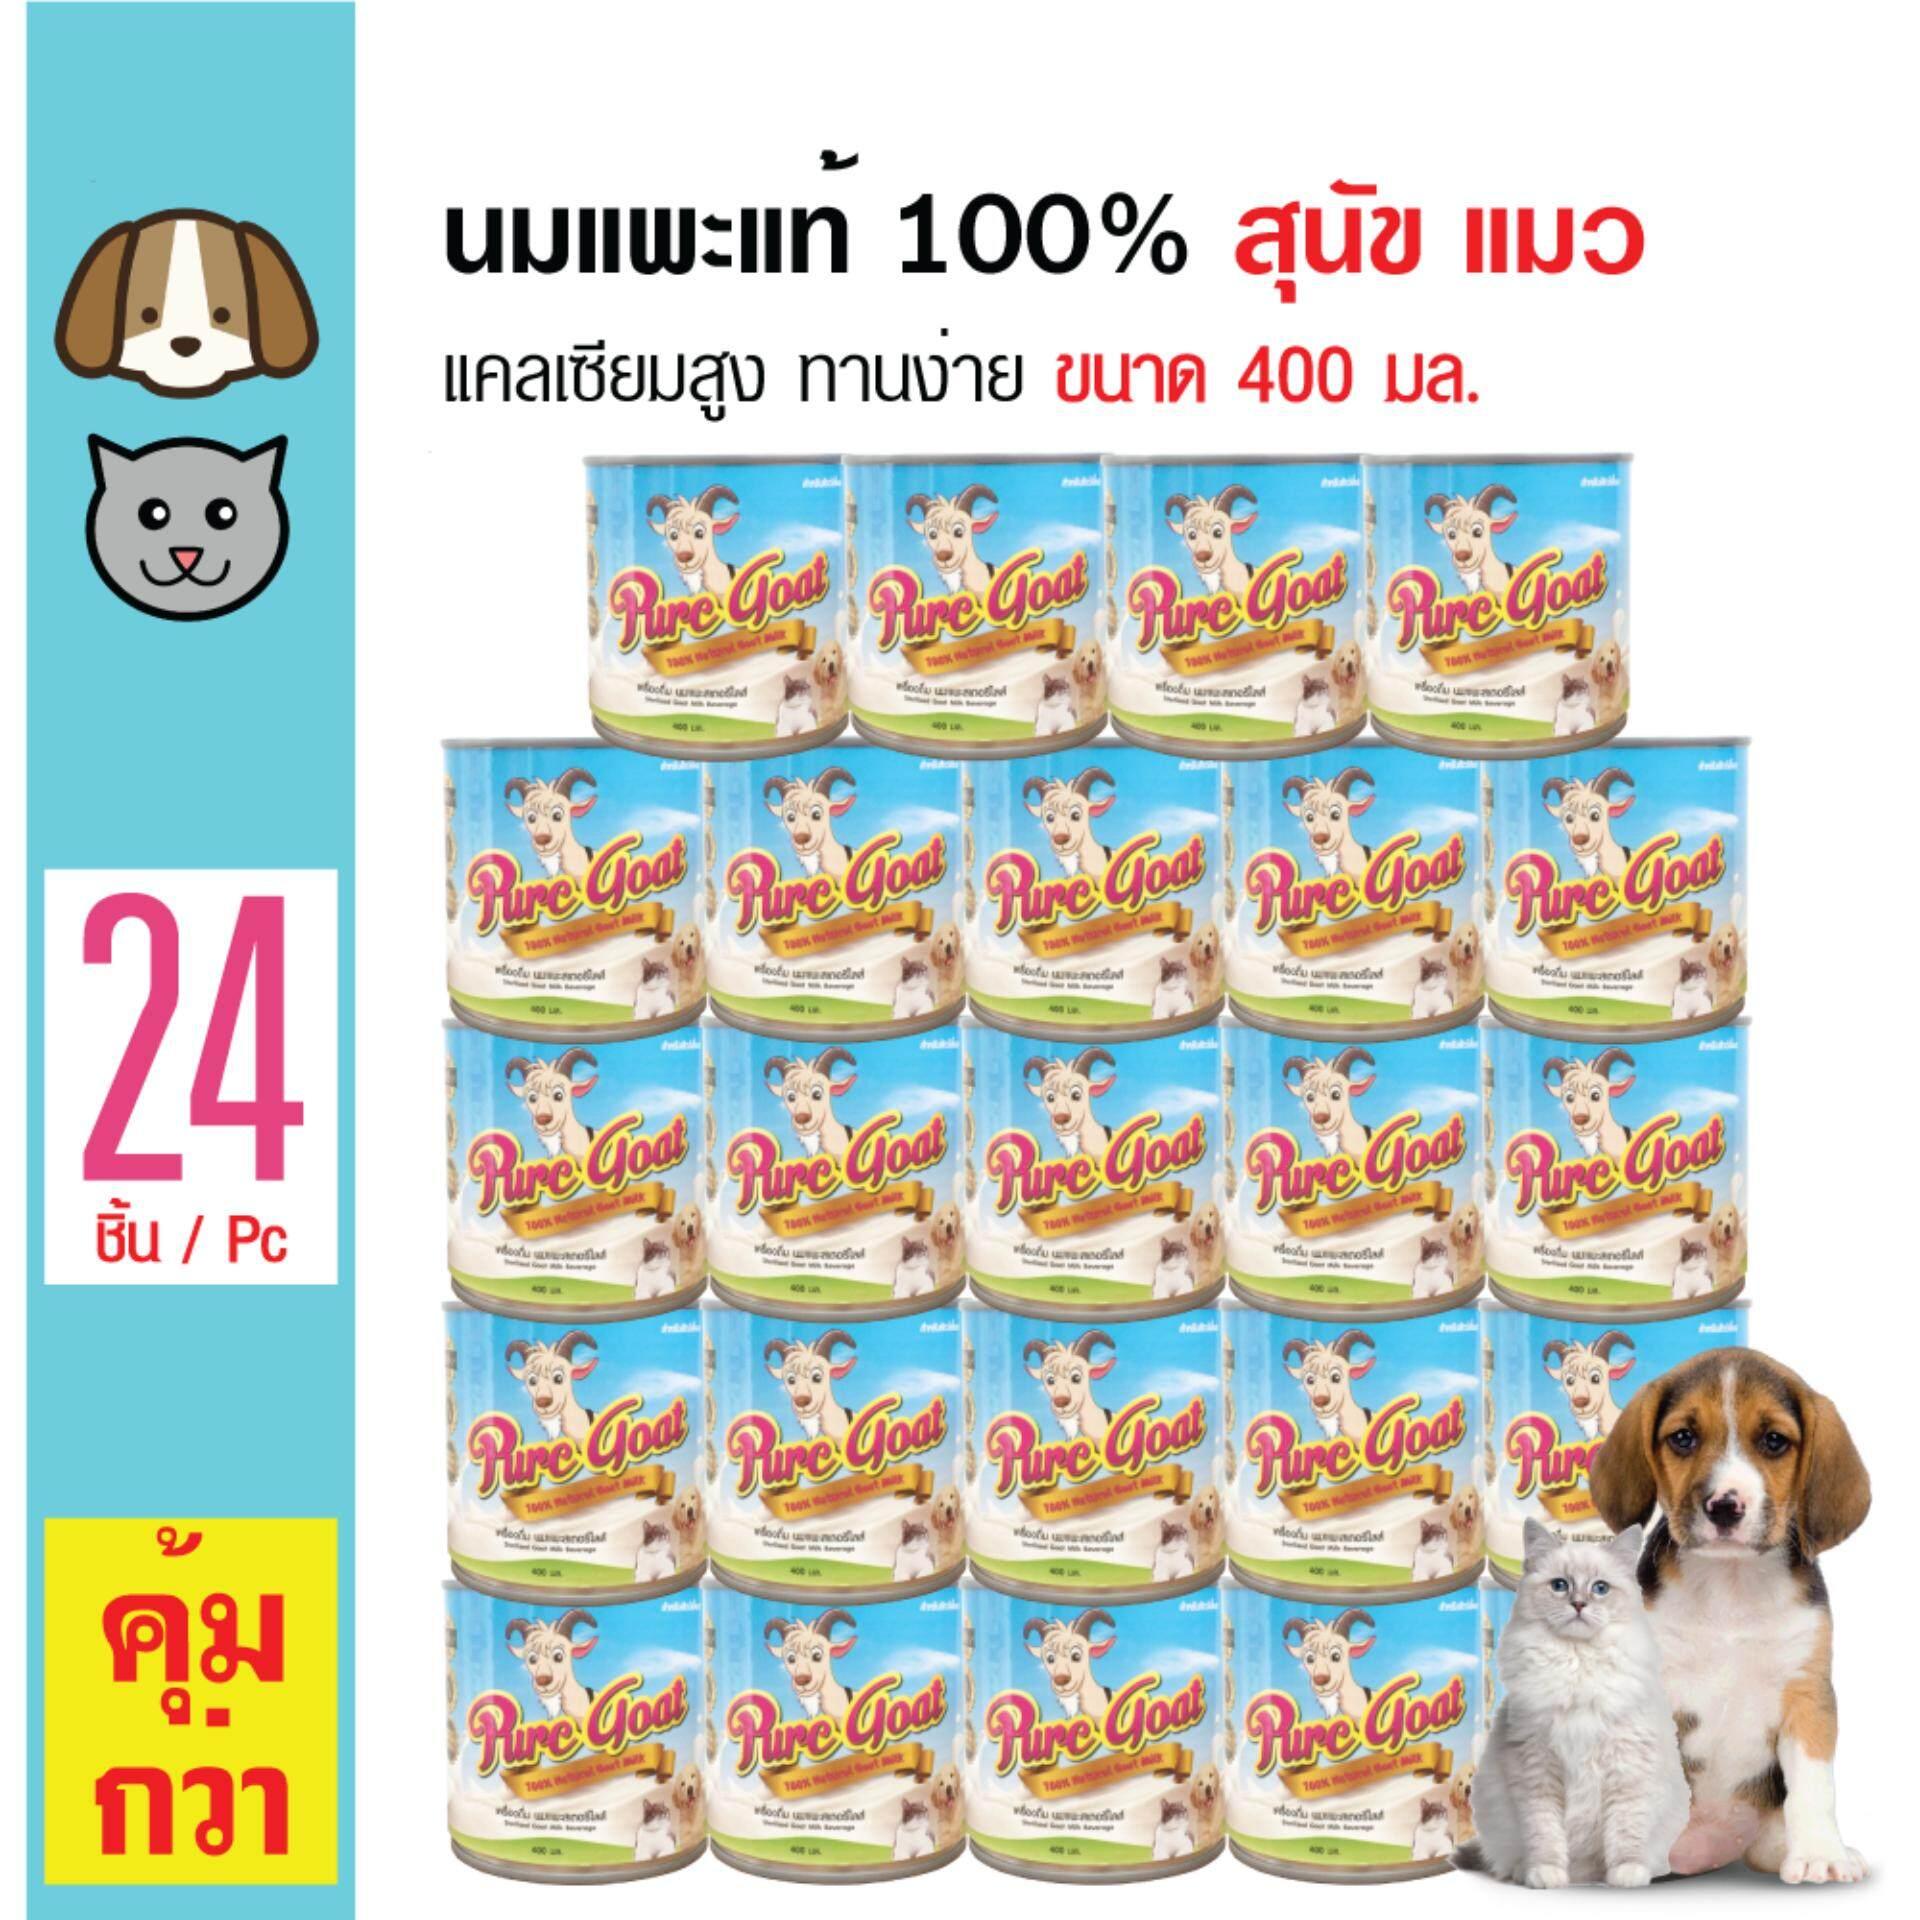 โปรโมชั่น Pure Goat นมแพะแท้ 100 เสริมแคลเซียม ทานง่าย สำหรับสุนัขและแมว ขนาด 400 มล X 24 กระป๋อง